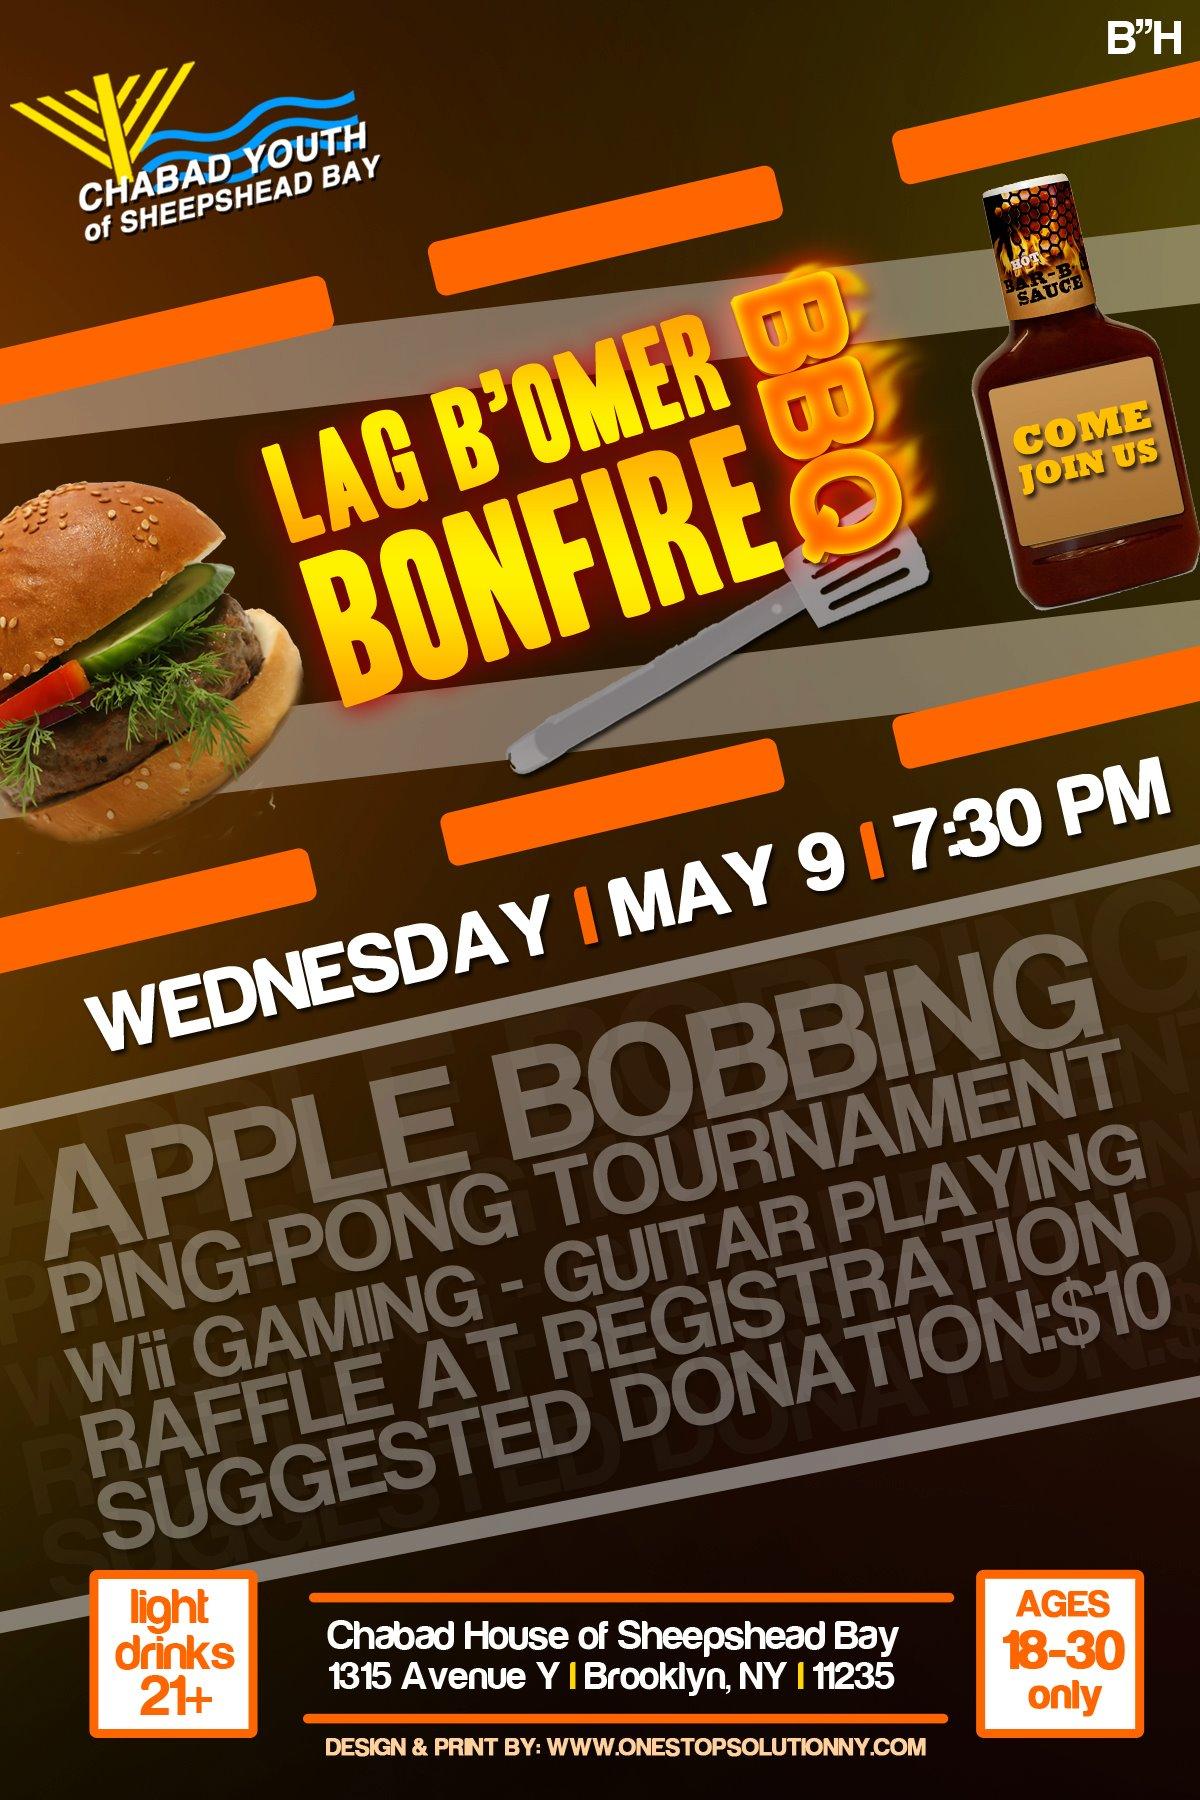 Lag B'Omer Bonfire Ad